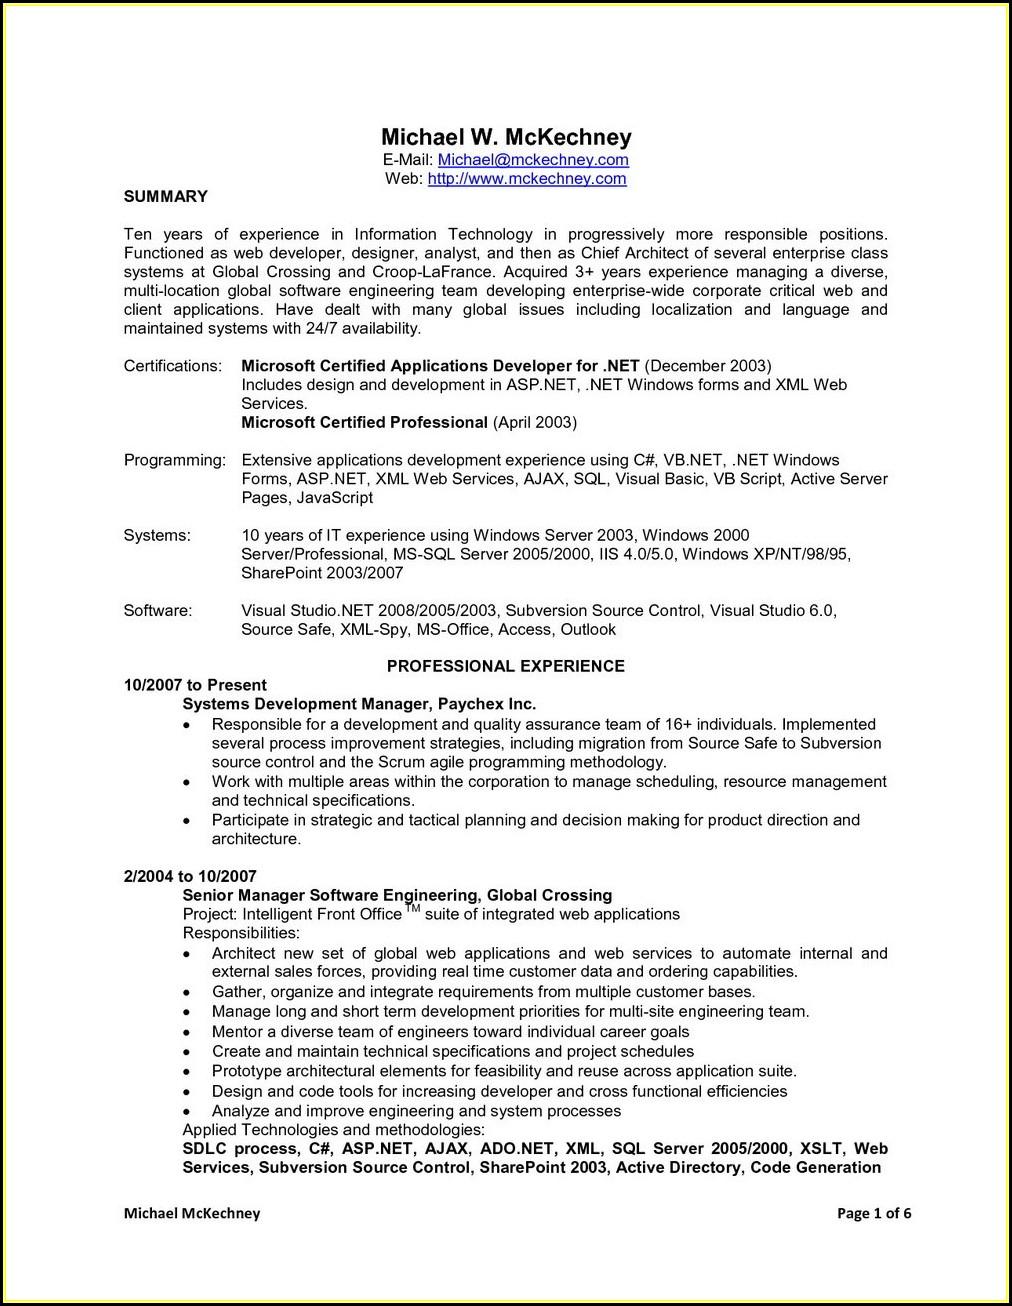 Sample Resume For Dot Net Developer Experience 5 Years